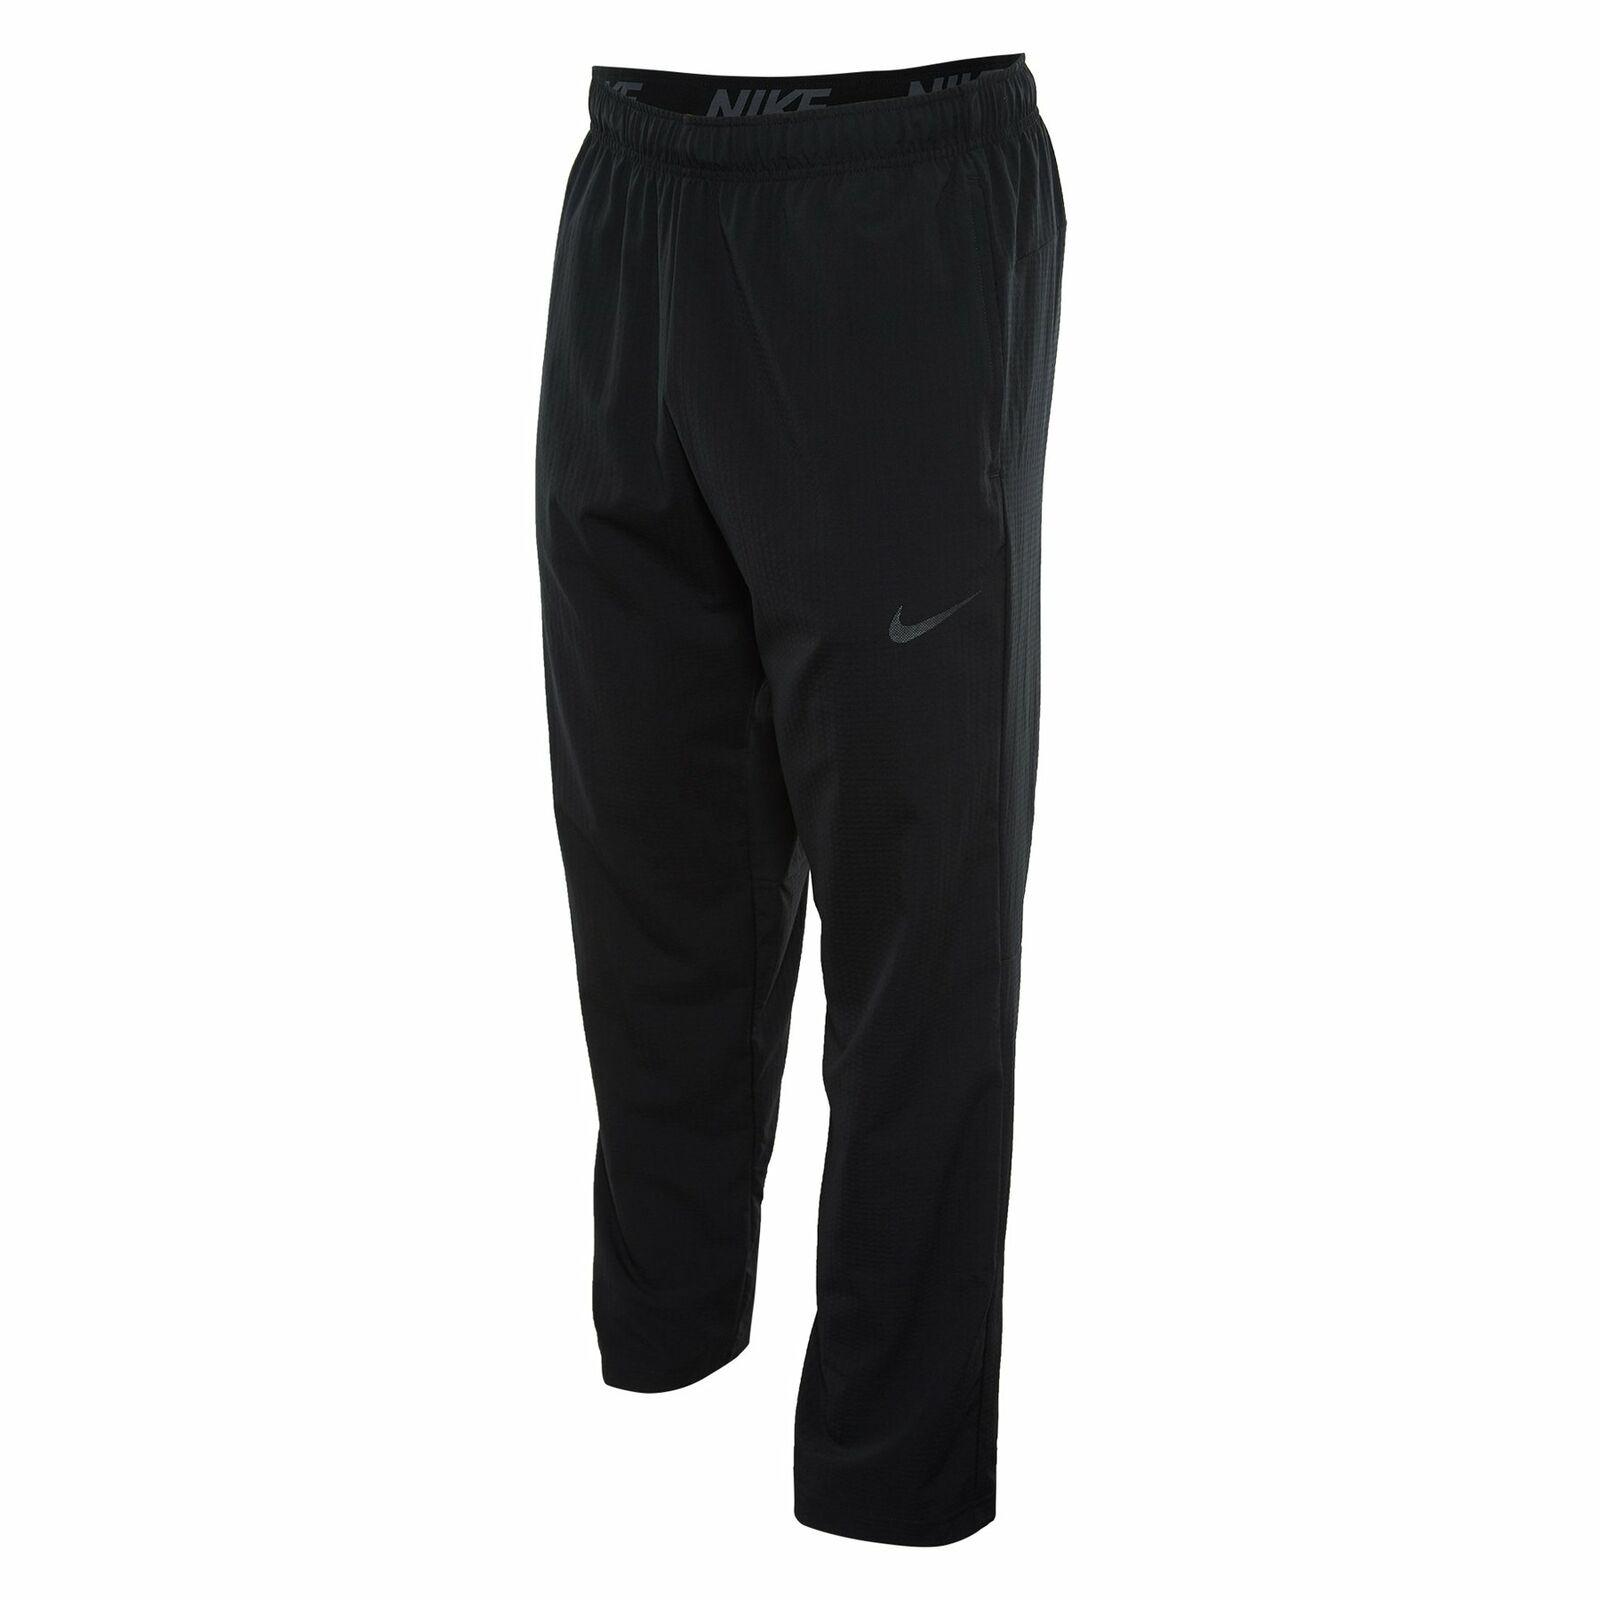 NIKE Men Flex Training Pants Black 905557 010 - Med New